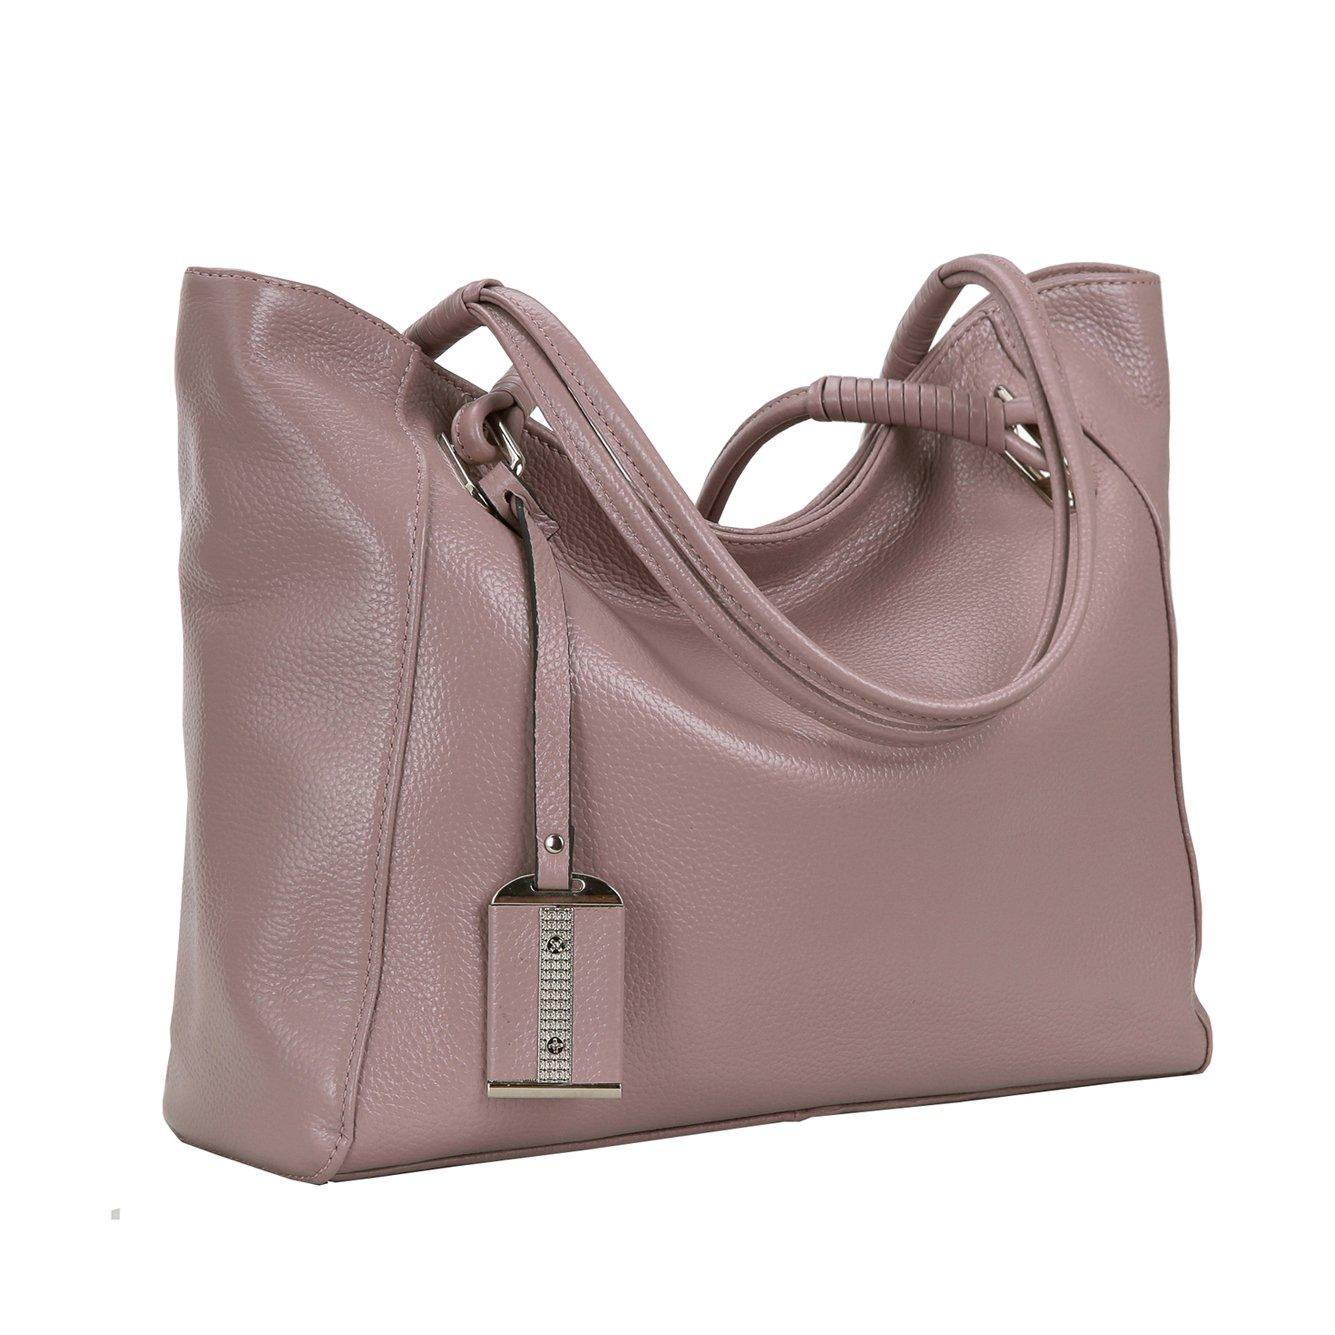 Kenoor Leather Shoulder Bags Tote Top Handle Work Bag Handbag Satchel Purses (Lilac)